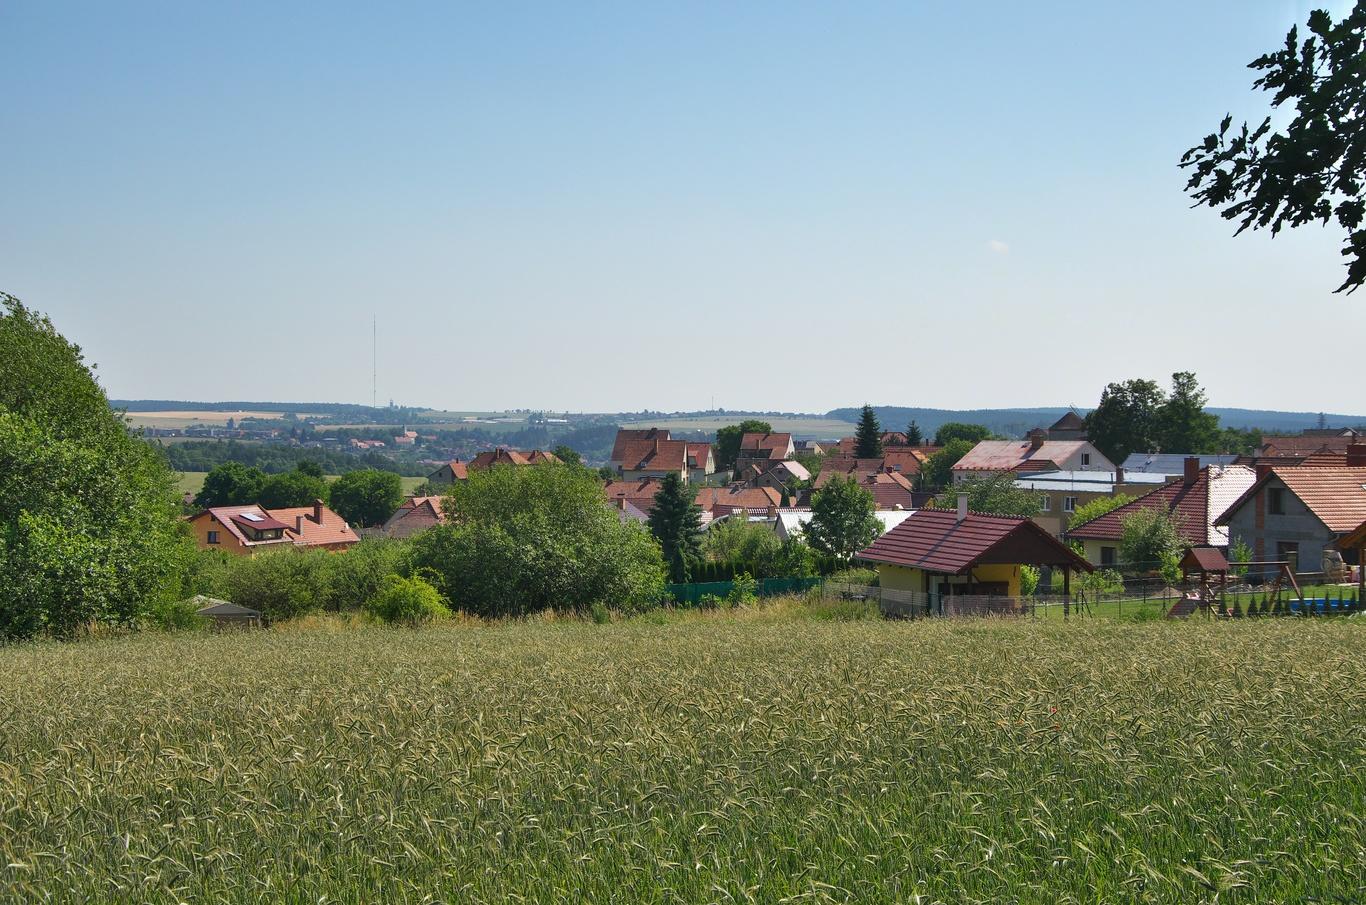 Rudice, ta tyčka v pozadí je vysílač Kojál - třetí nejvyšší stavba v ČR.